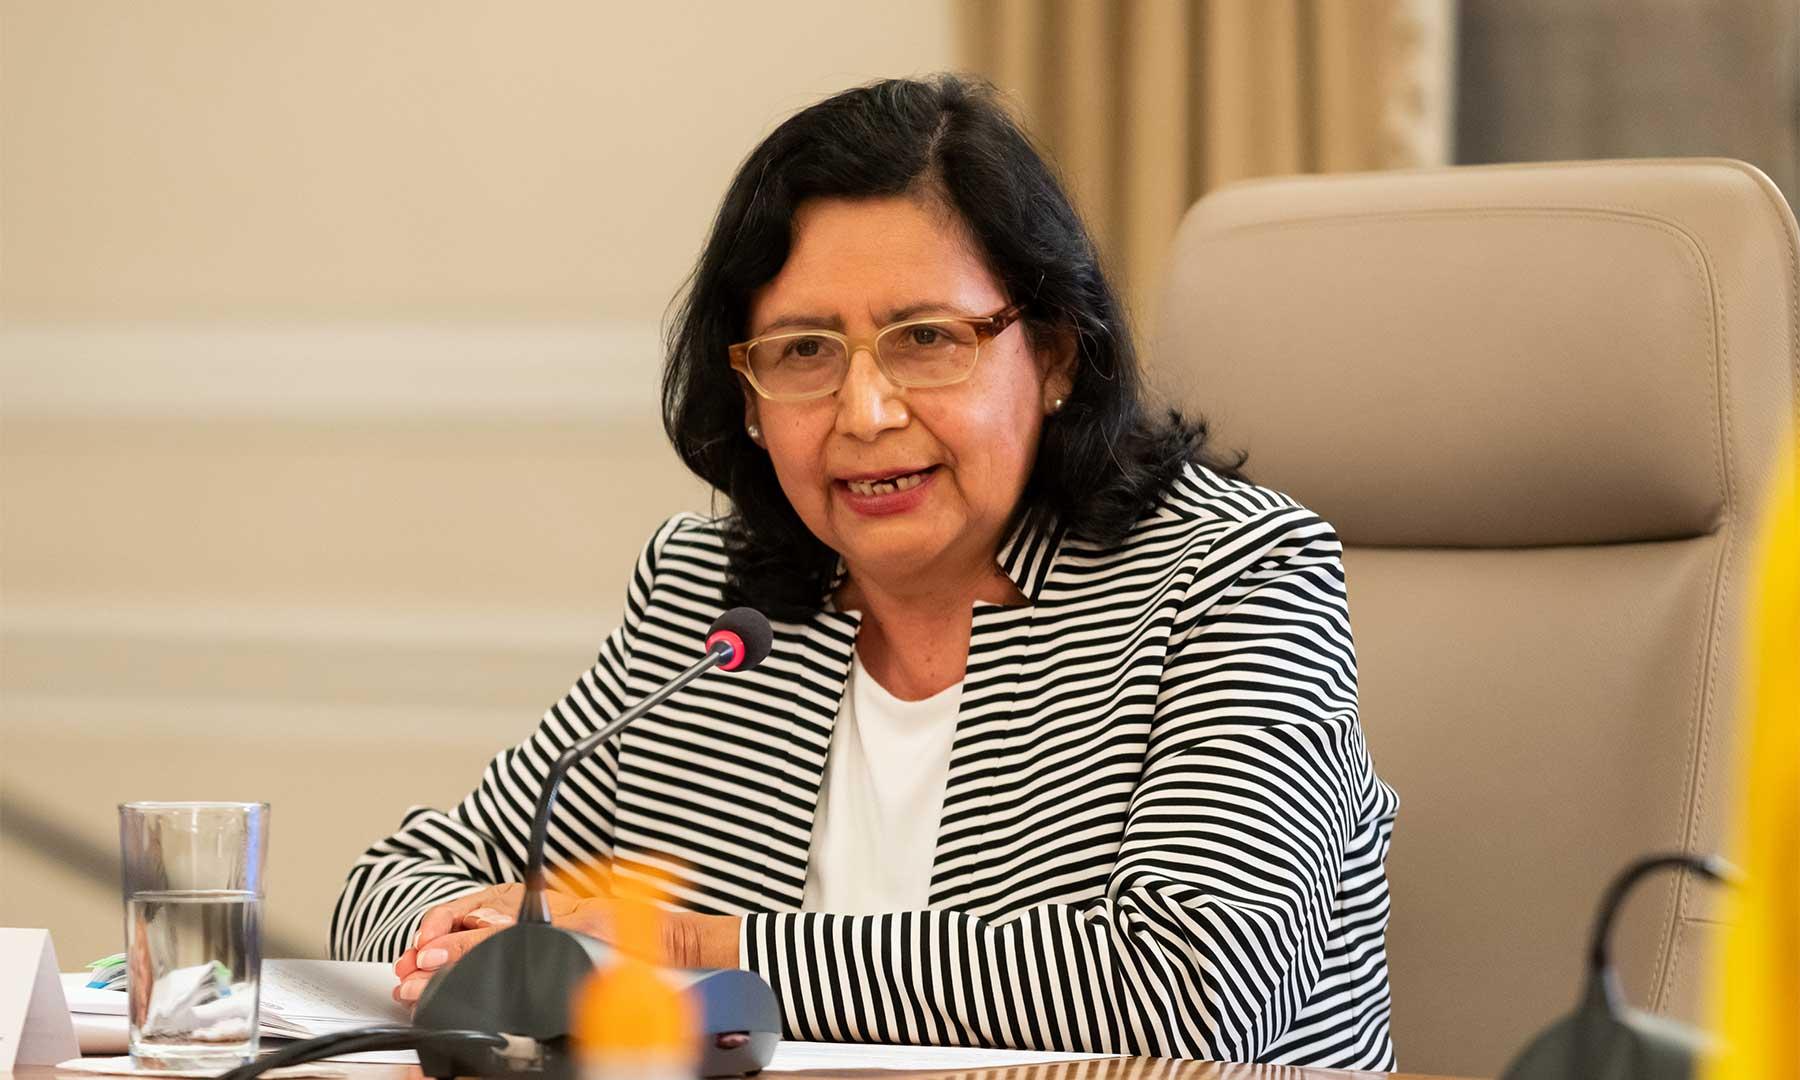 La Representante de OPS/OMS en Colombia, Gina Tambini -quien fue invitada este lunes al programa 'Prevención y Acción'- afirmó que Colombia le está dando ejemplo al mundo en el manejo de la pandemia del coronavirus (covid-19).